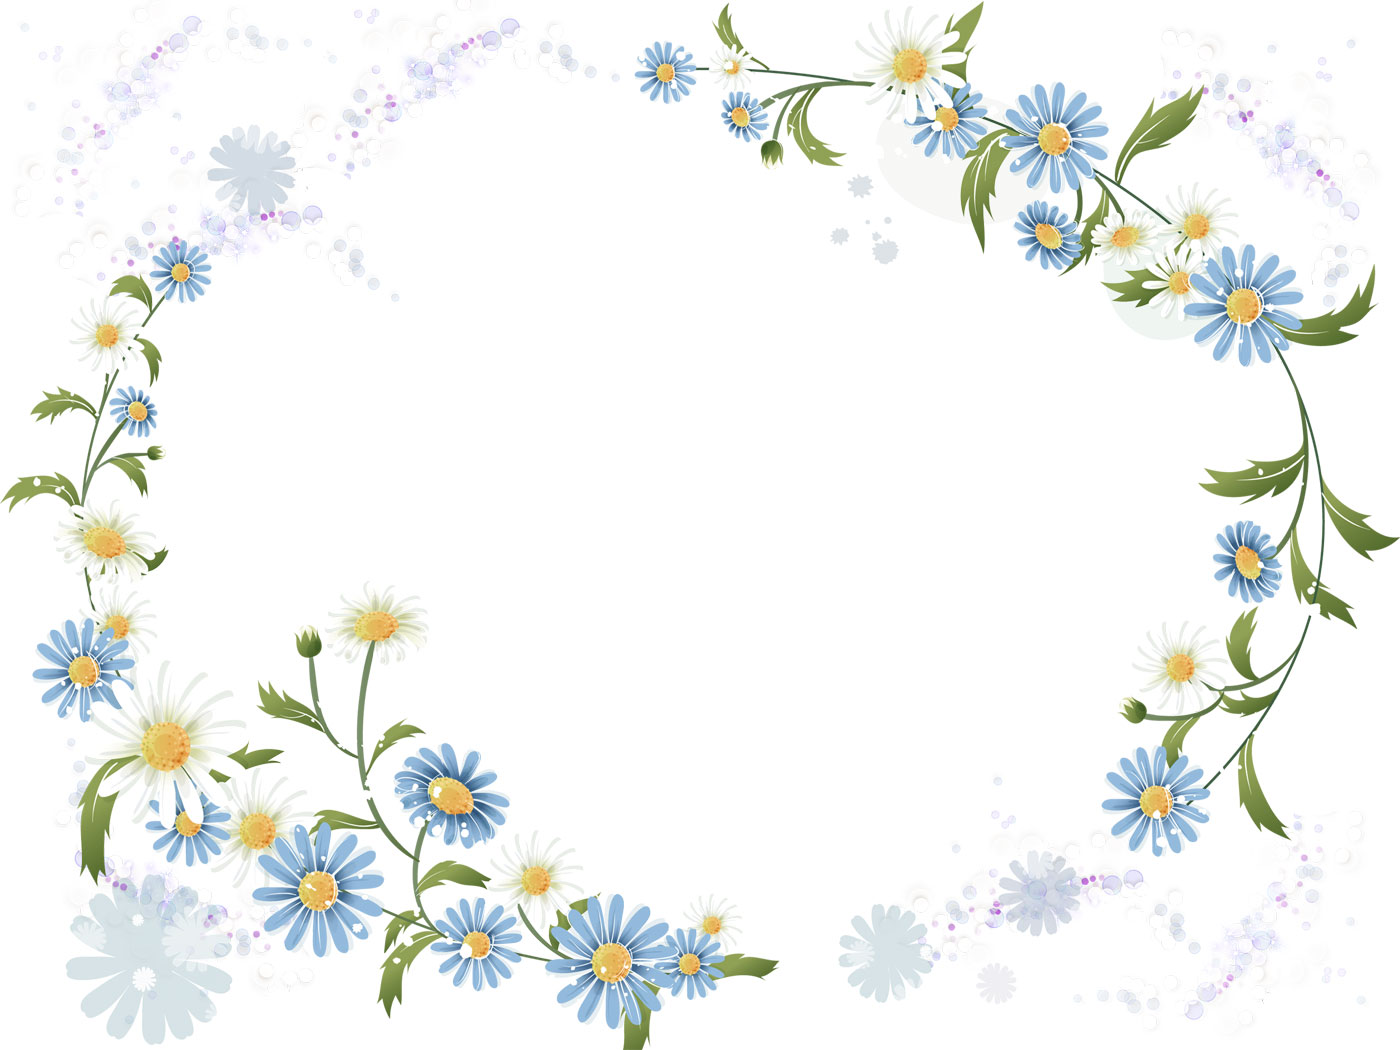 花のイラスト・フリー素材/フレーム枠no.61『コスモス・背景透過』